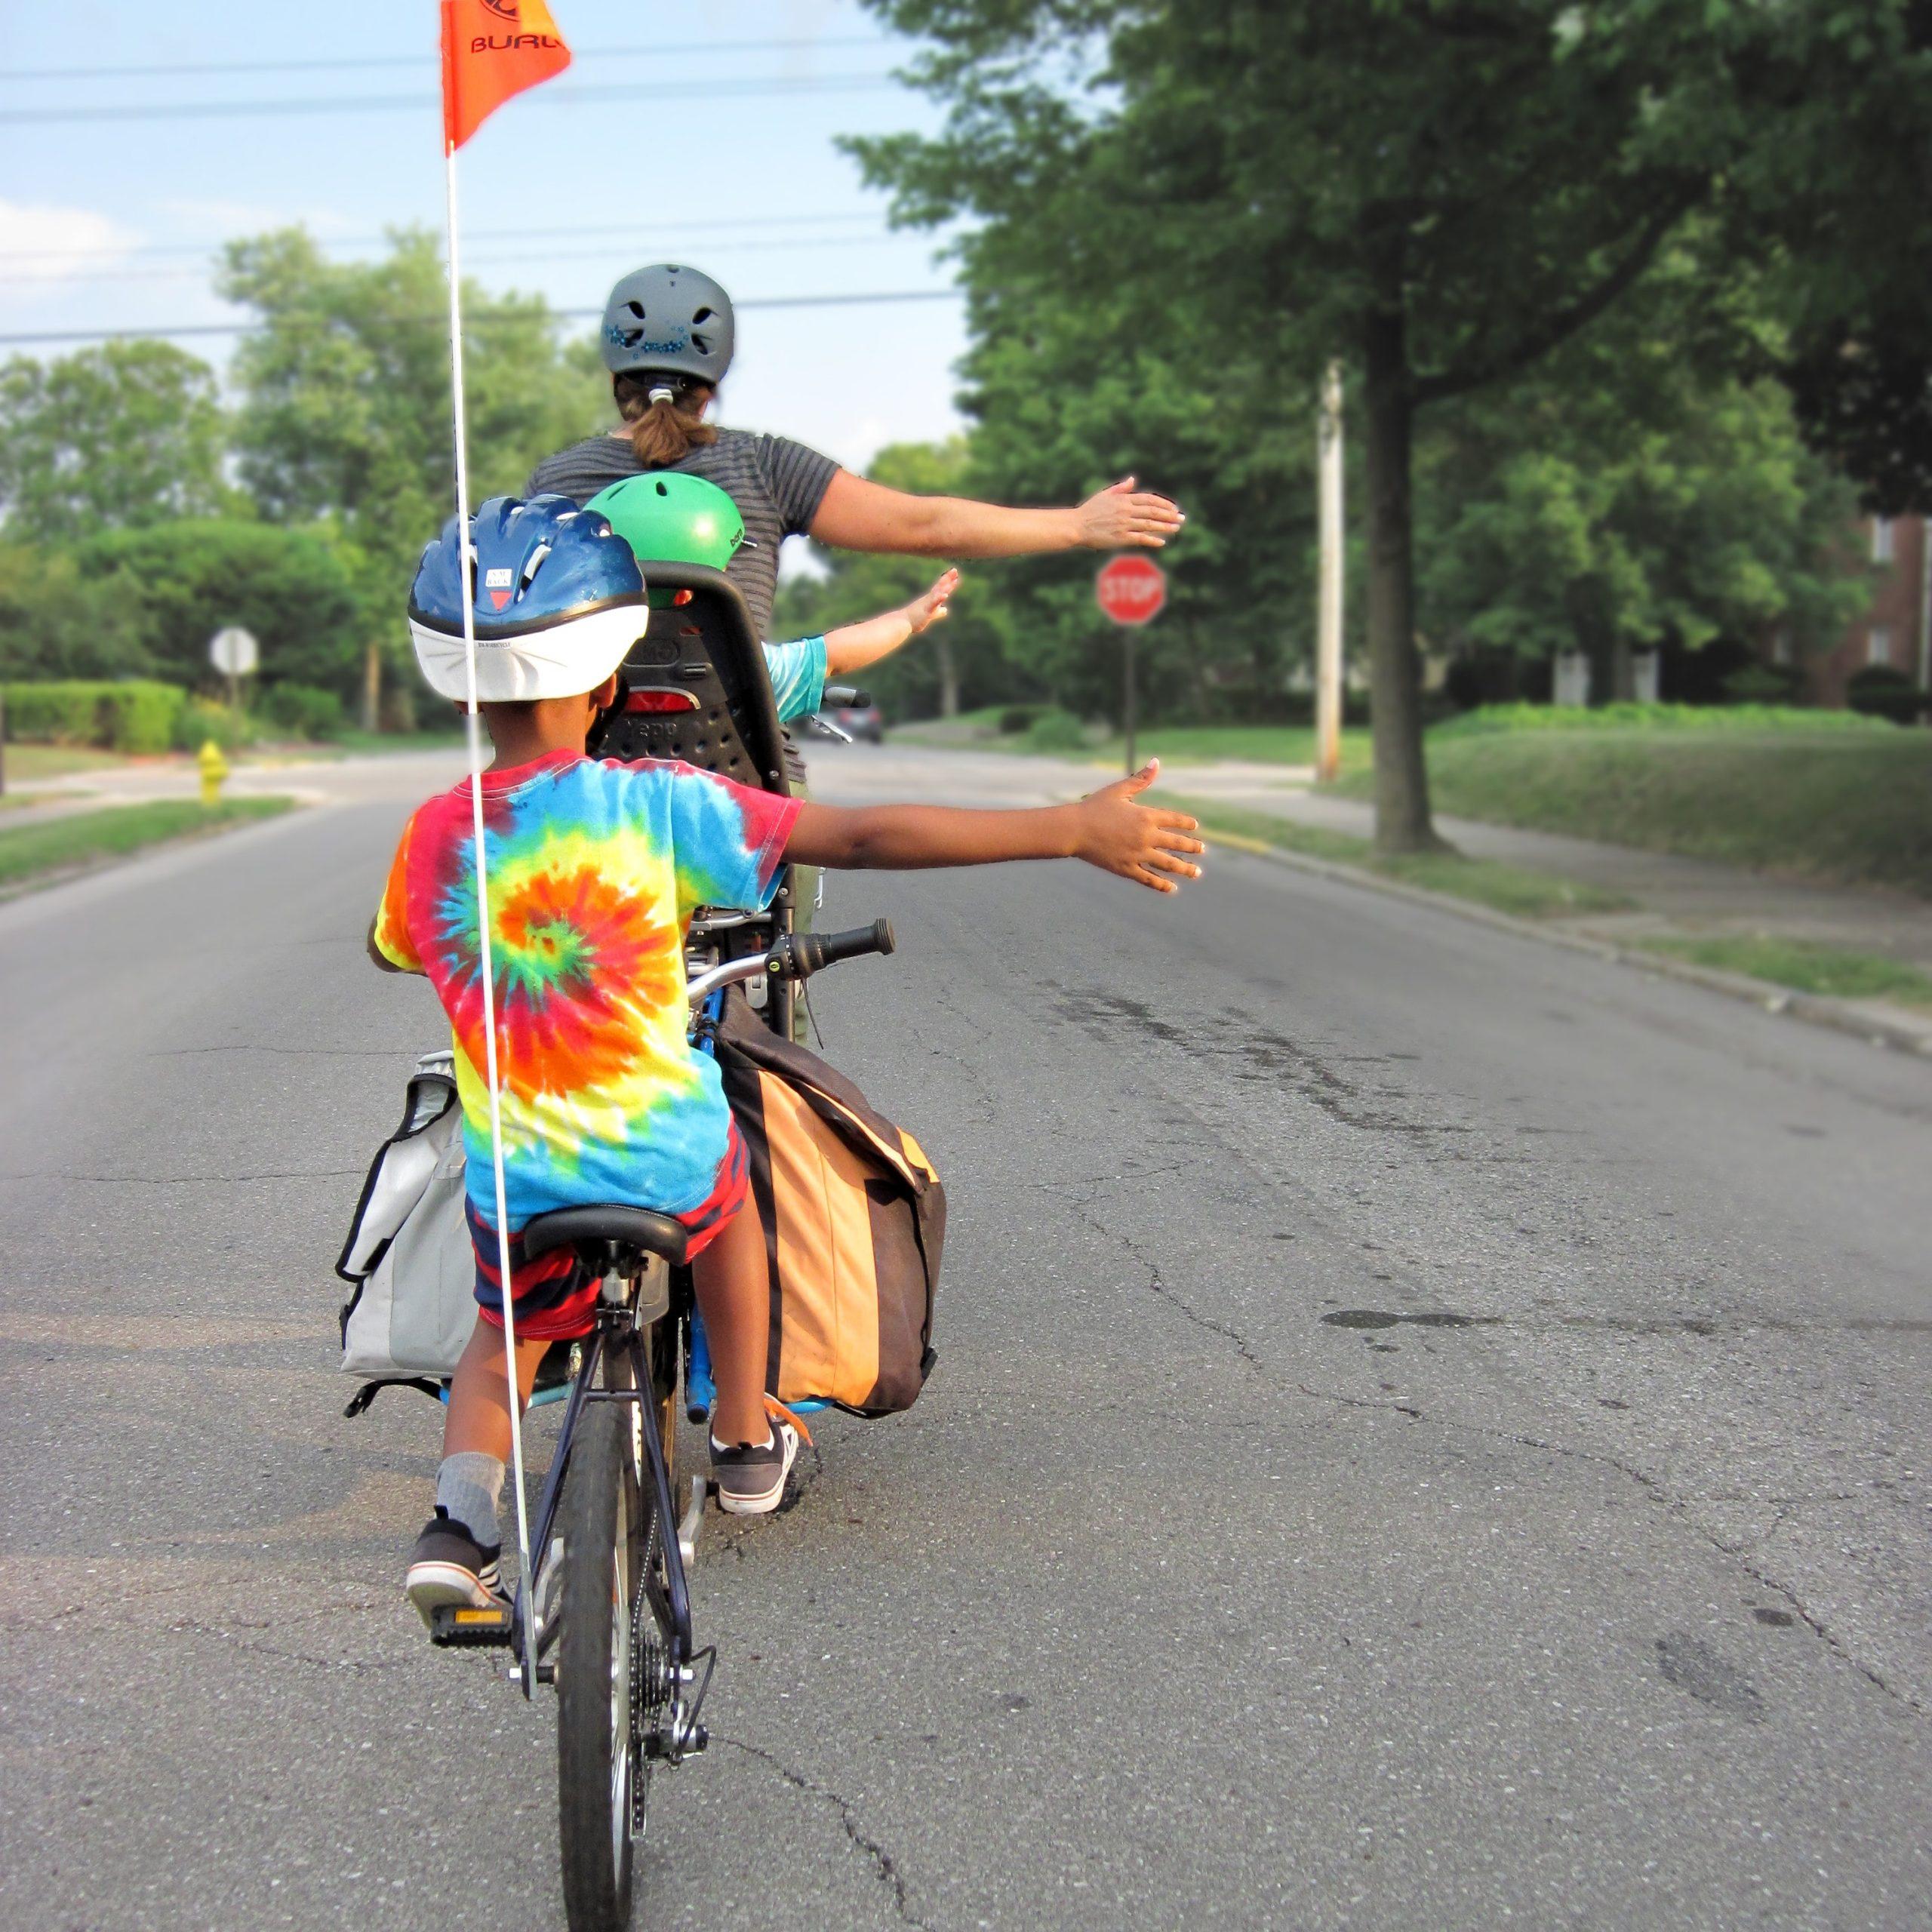 Ryggen på två barn och en vuxen syns. De cyklar på en asfalterad väg och håller ut höger armen åt sidan för att visa att de ska svänga. Barnet längst bak bär en färgglad T-shirt och en blå cykelhjälm.